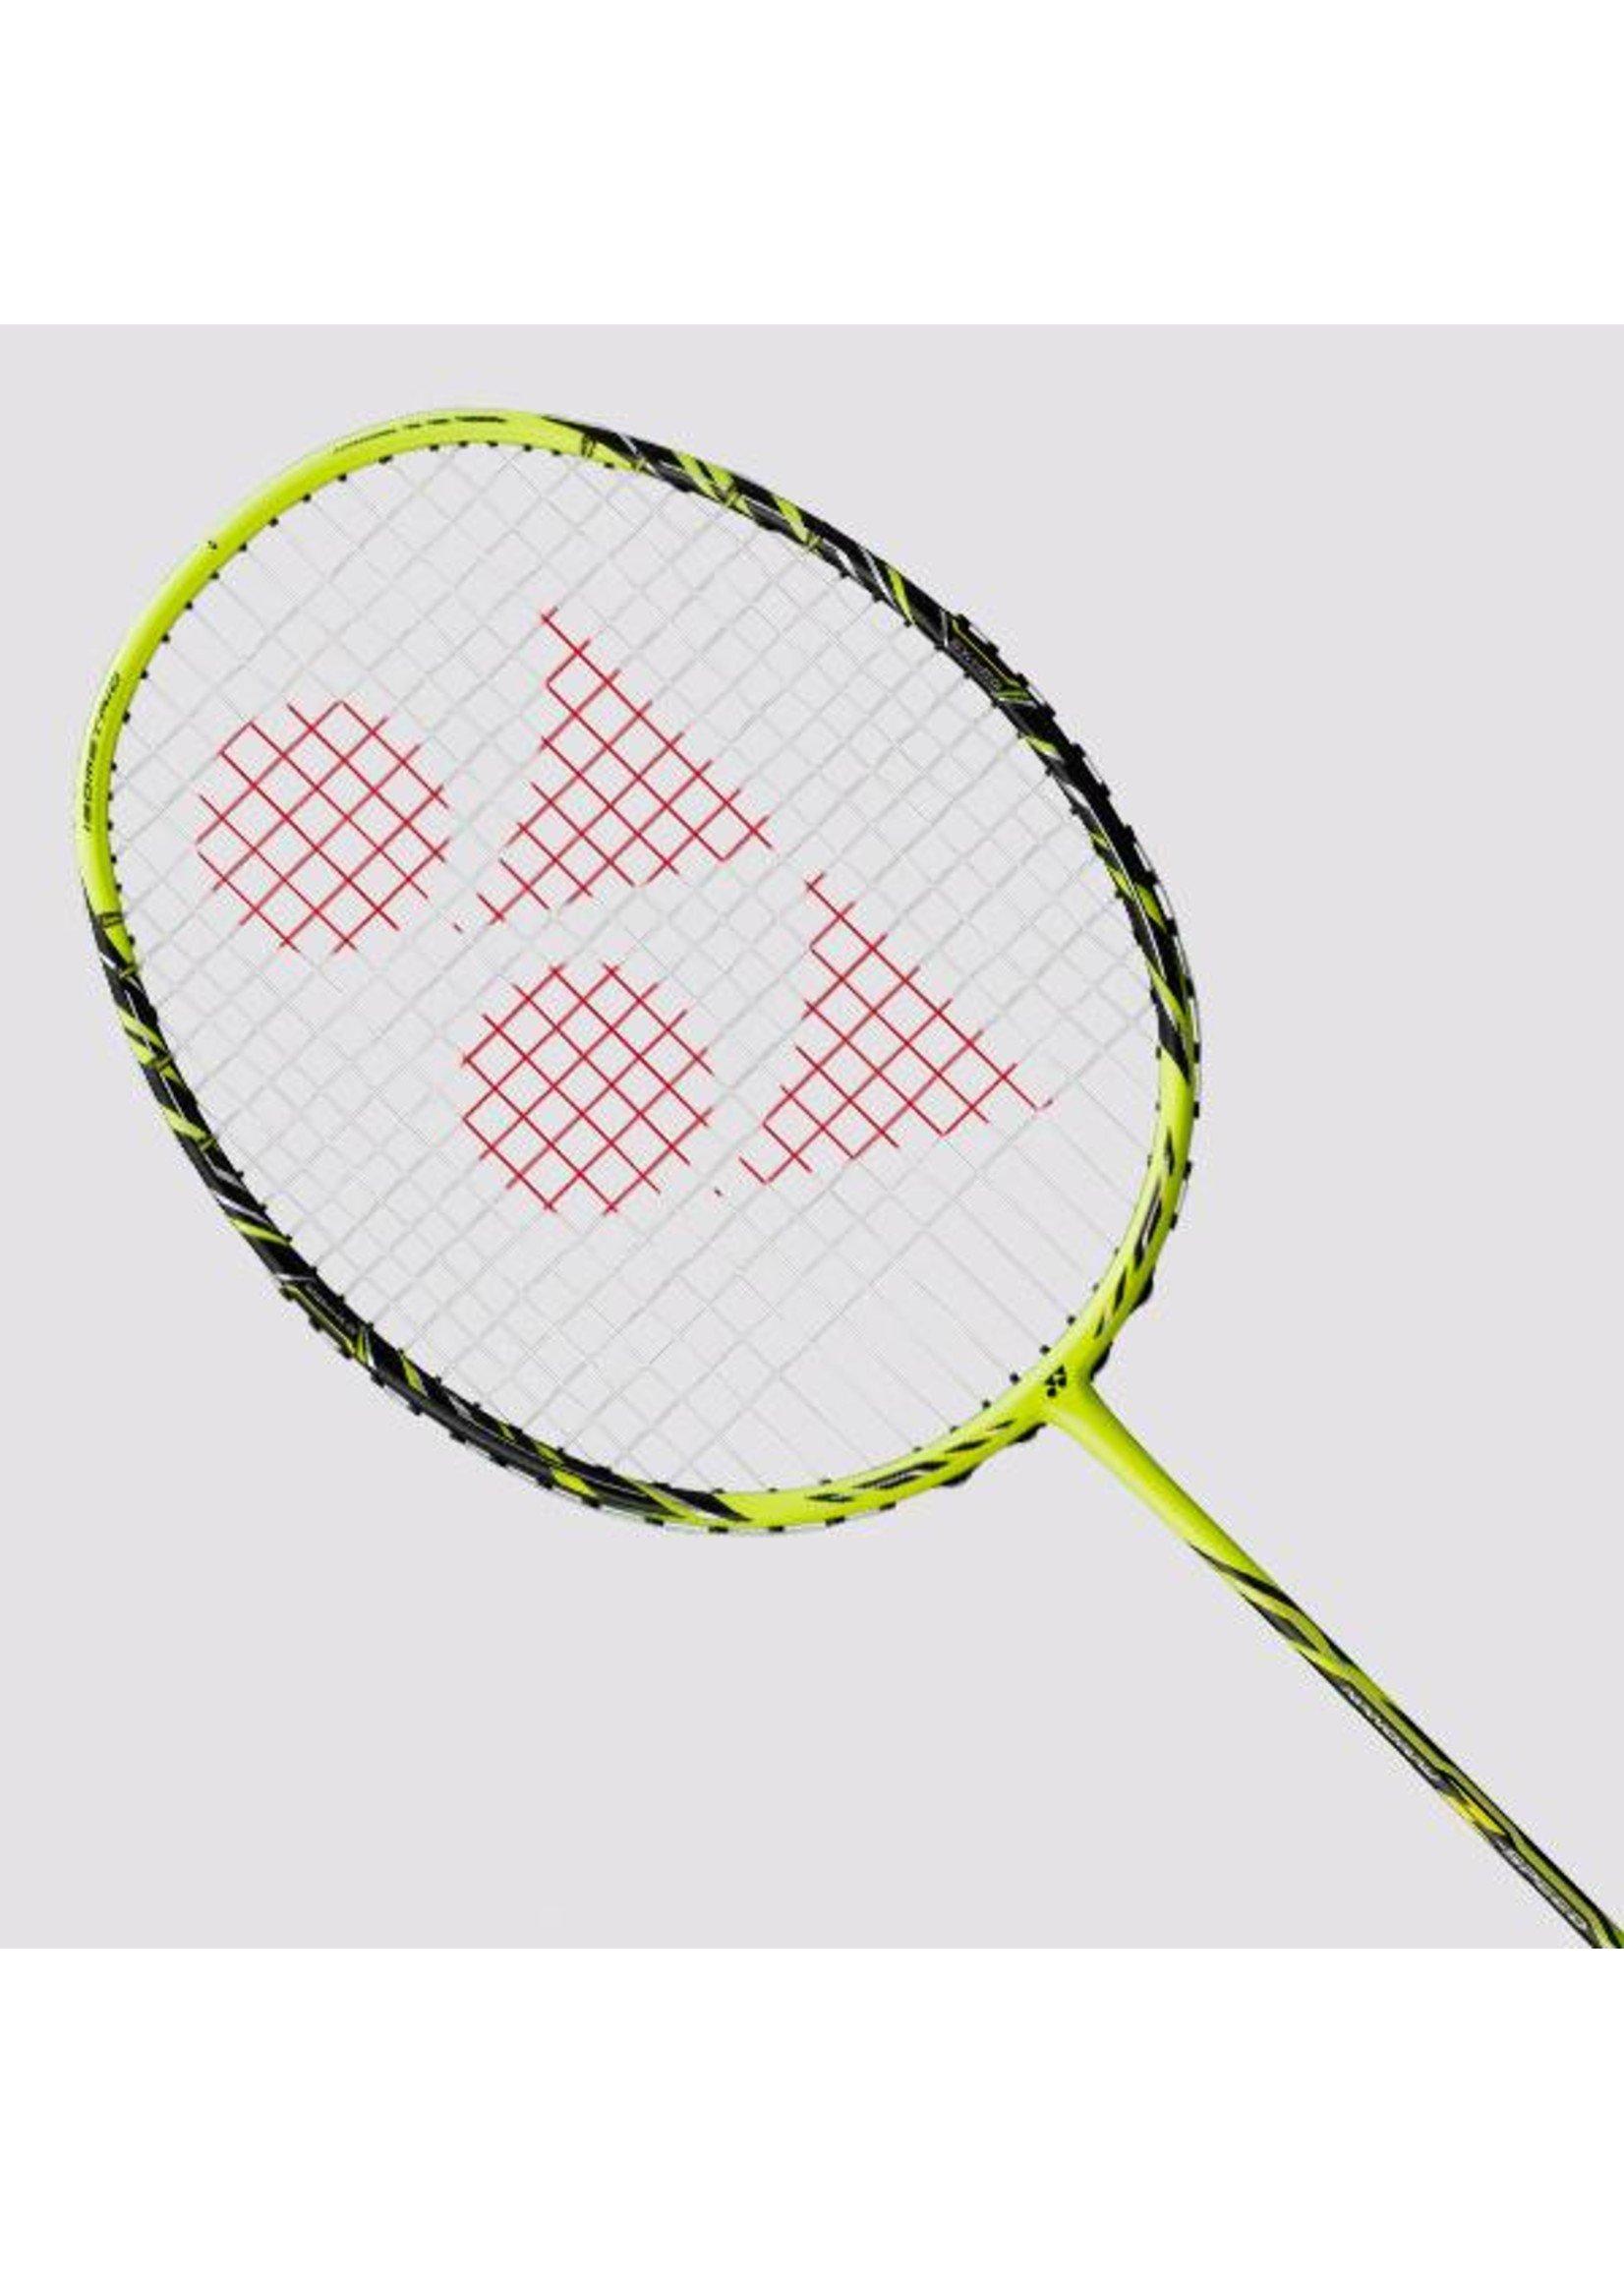 Yonex Yonex Nanoray Z-Speed Badminton Racket (2017)